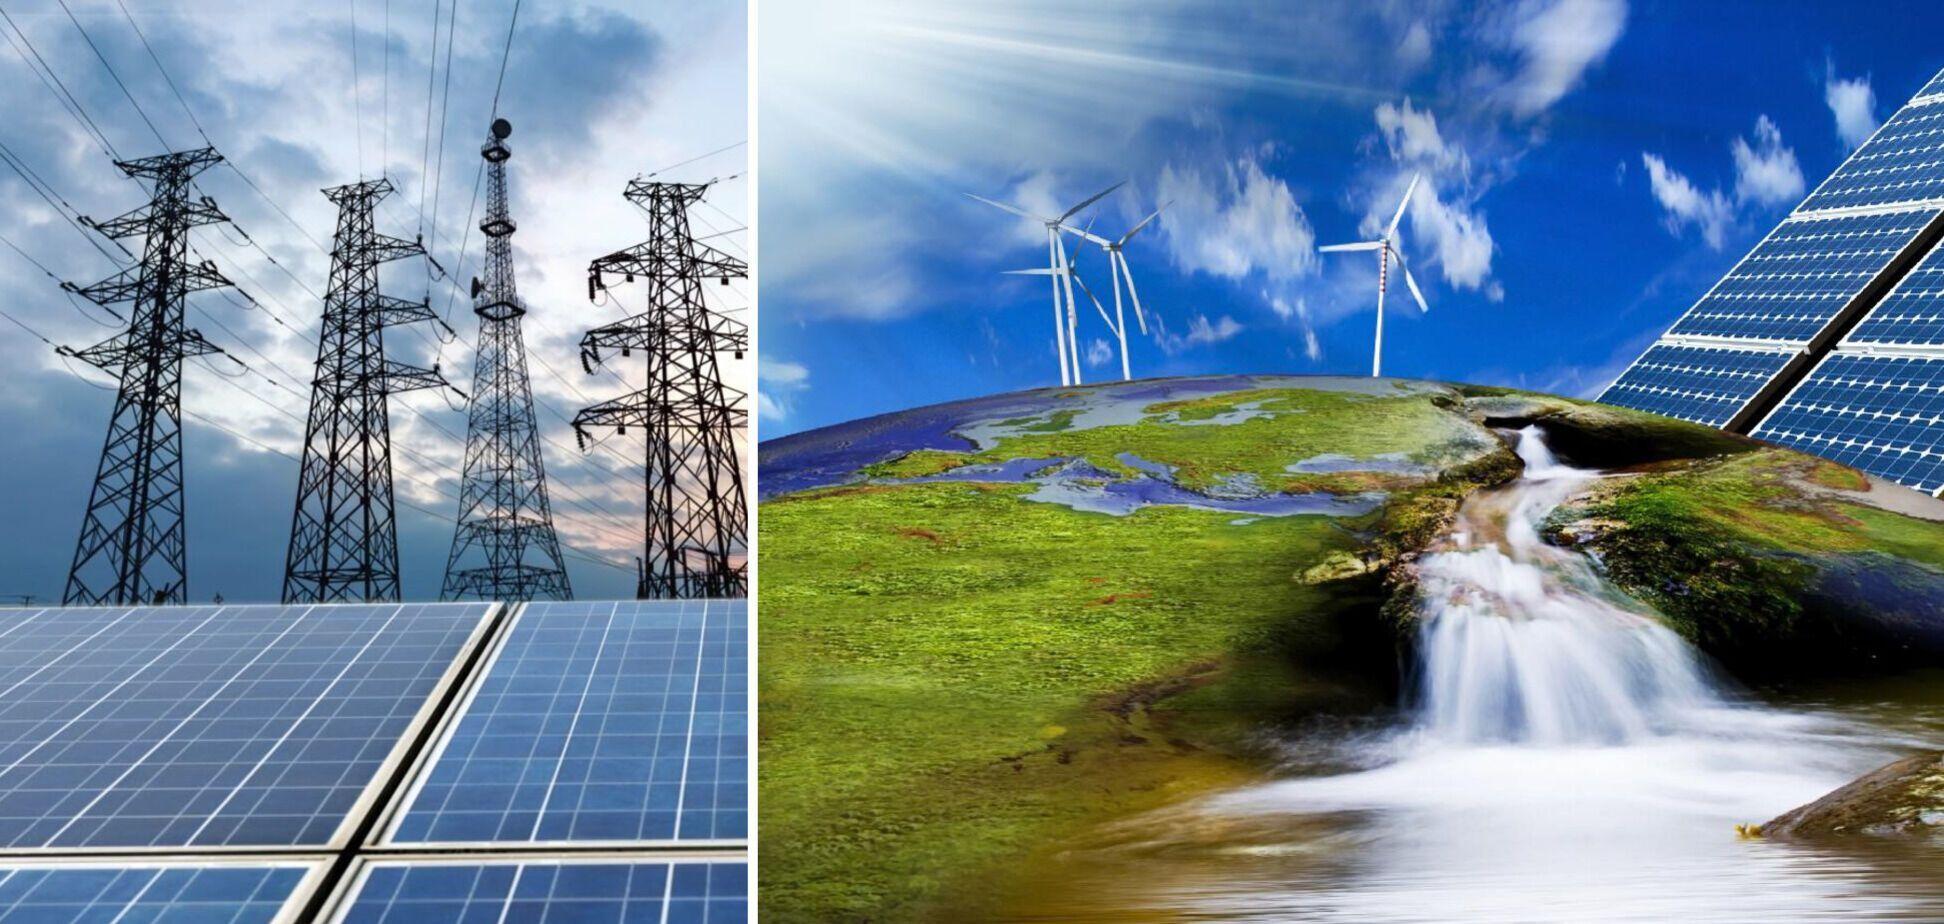 Украину ждут проблемы с привлечением средств за рубежом из-за финансового давления на инвесторов в зеленую энергетику, – ЦЭВ